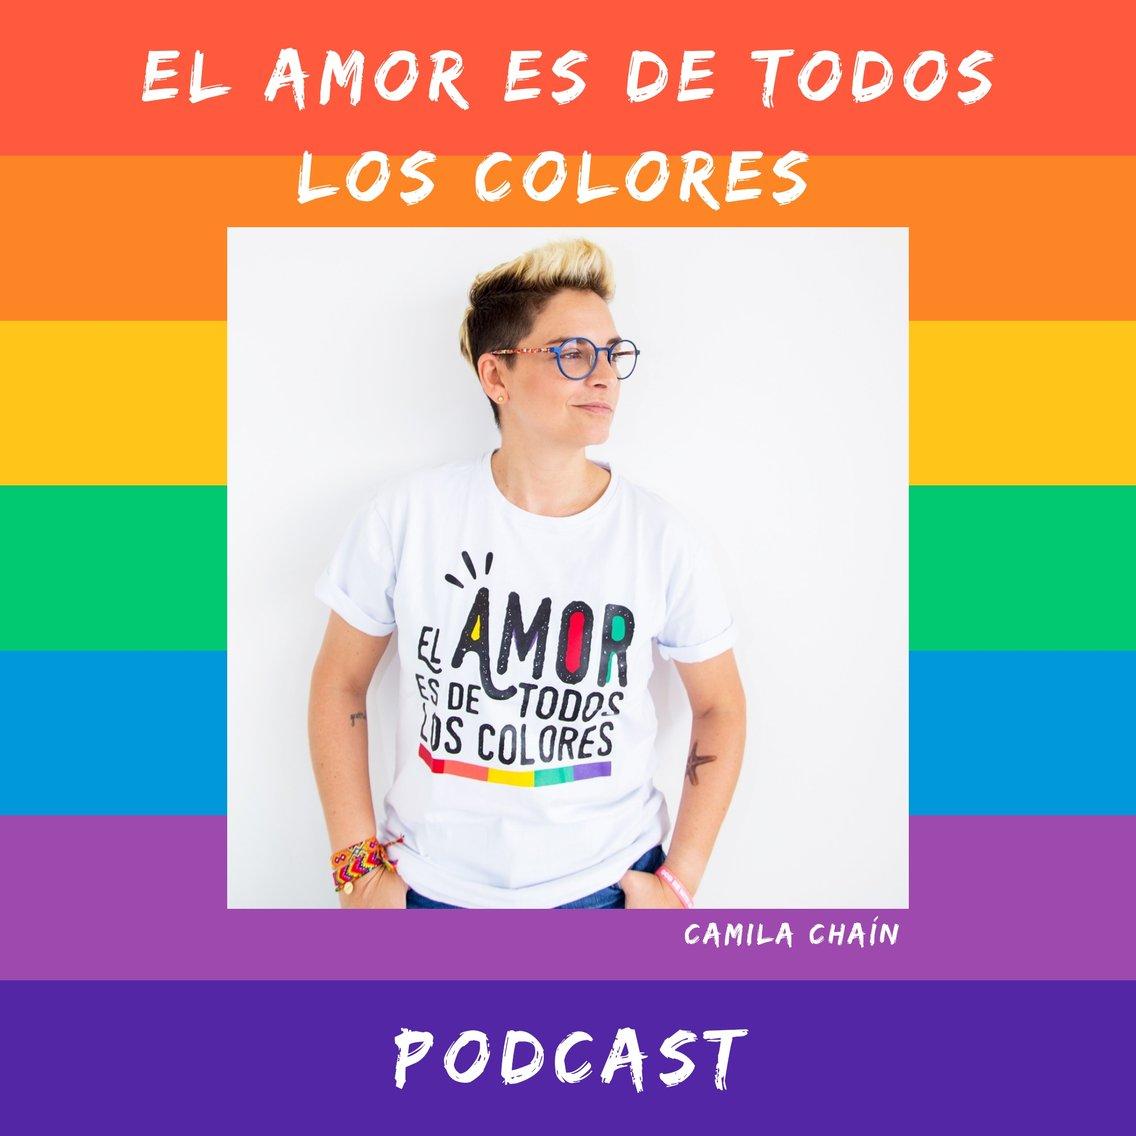 El amor es de todos los colores. - Cover Image